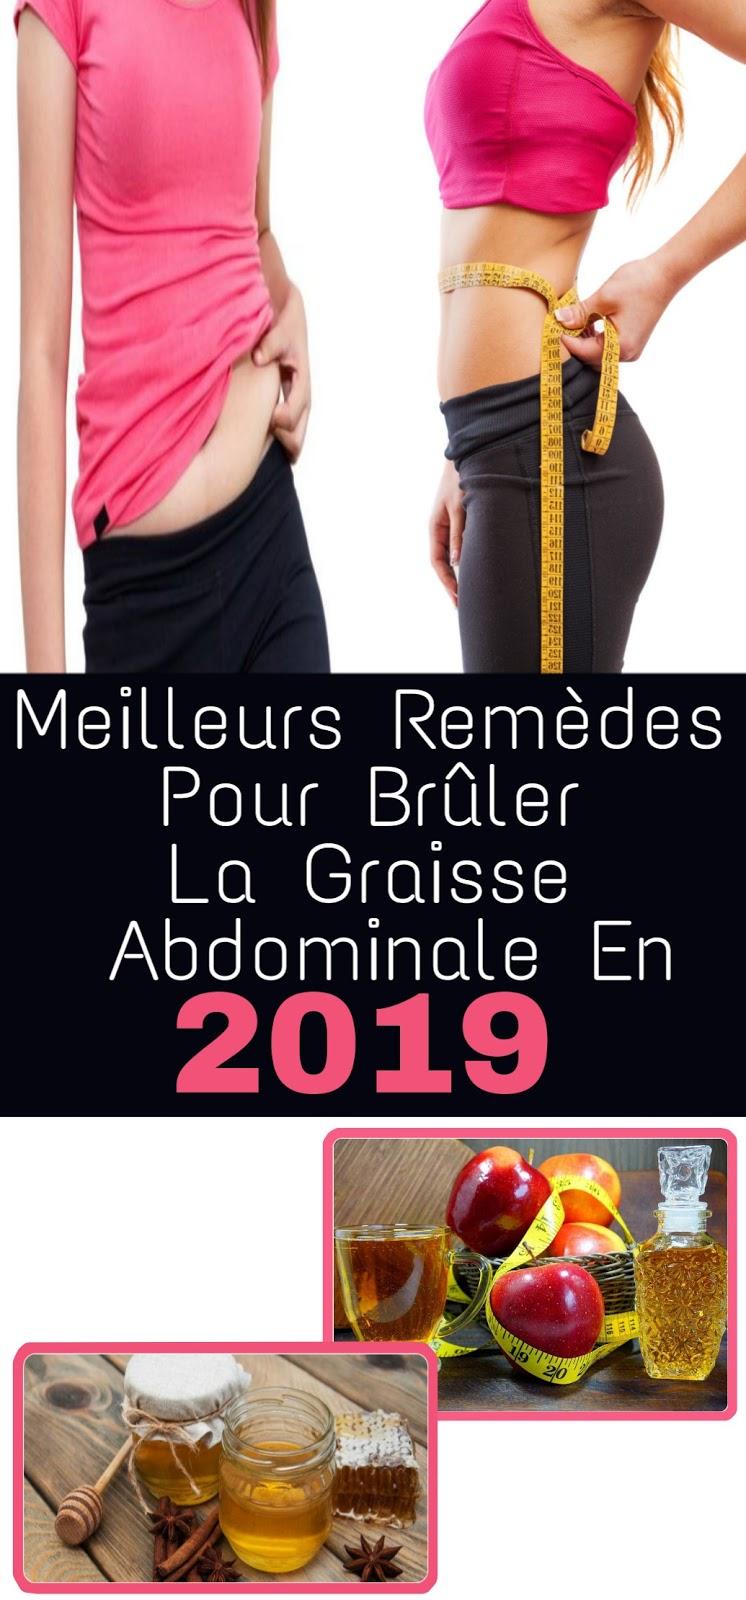 Meilleurs Remèdes Pour Brûler La Graisse Abdominale En 2019